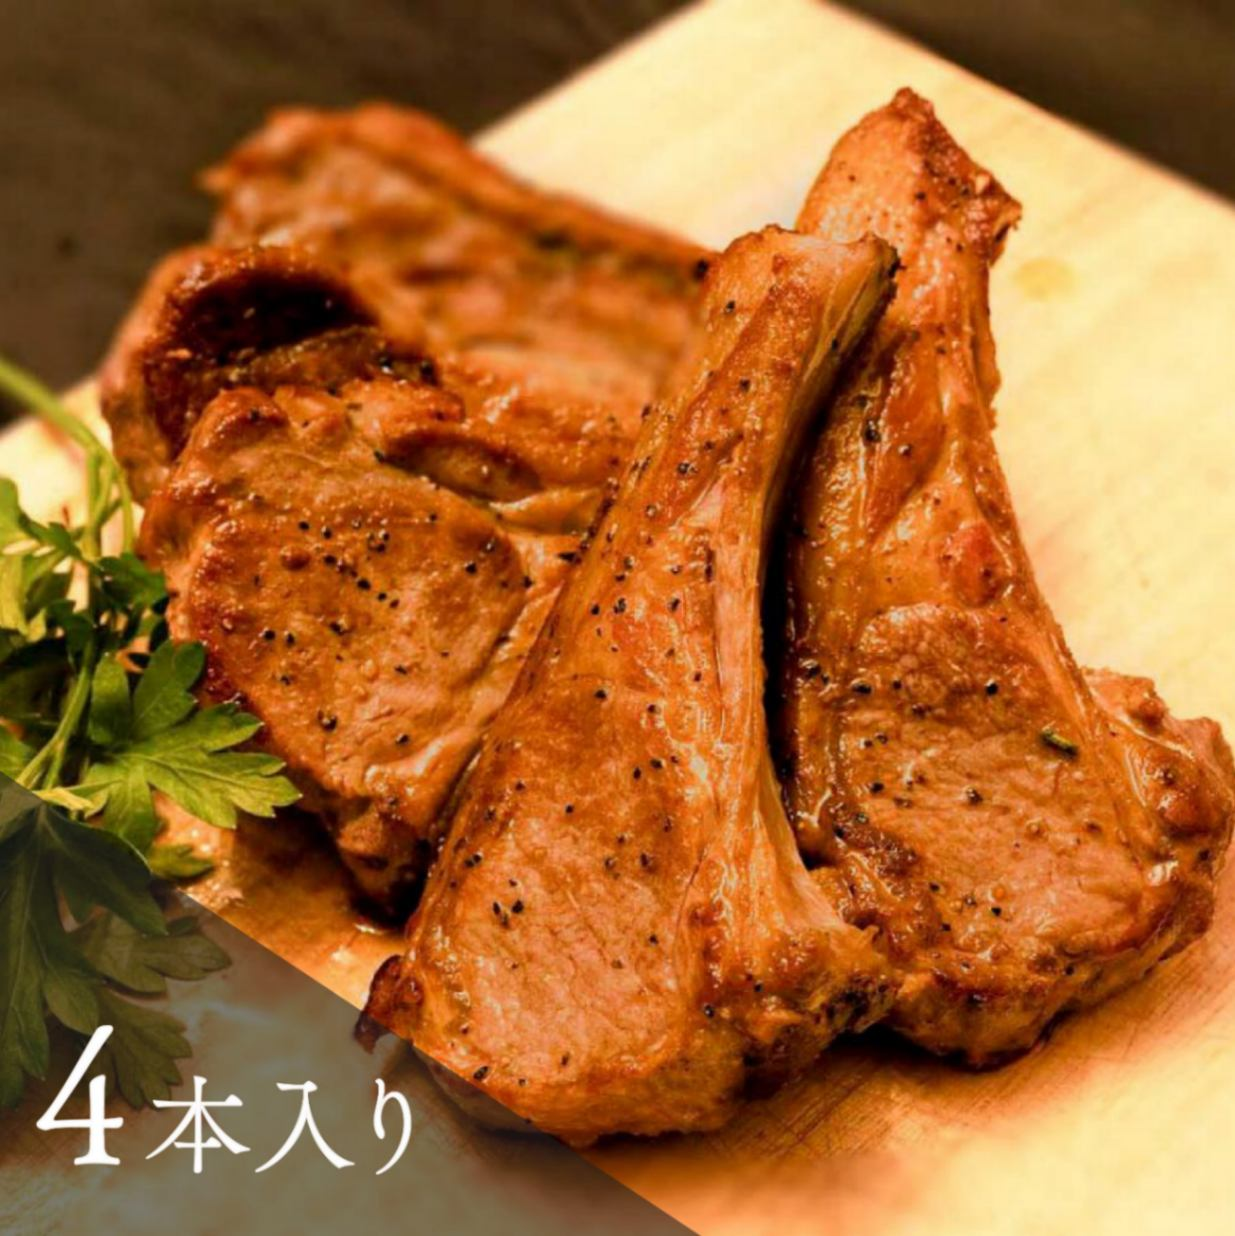 【アイスランドラム】最高級ラムチョップ(4本入り)/240g